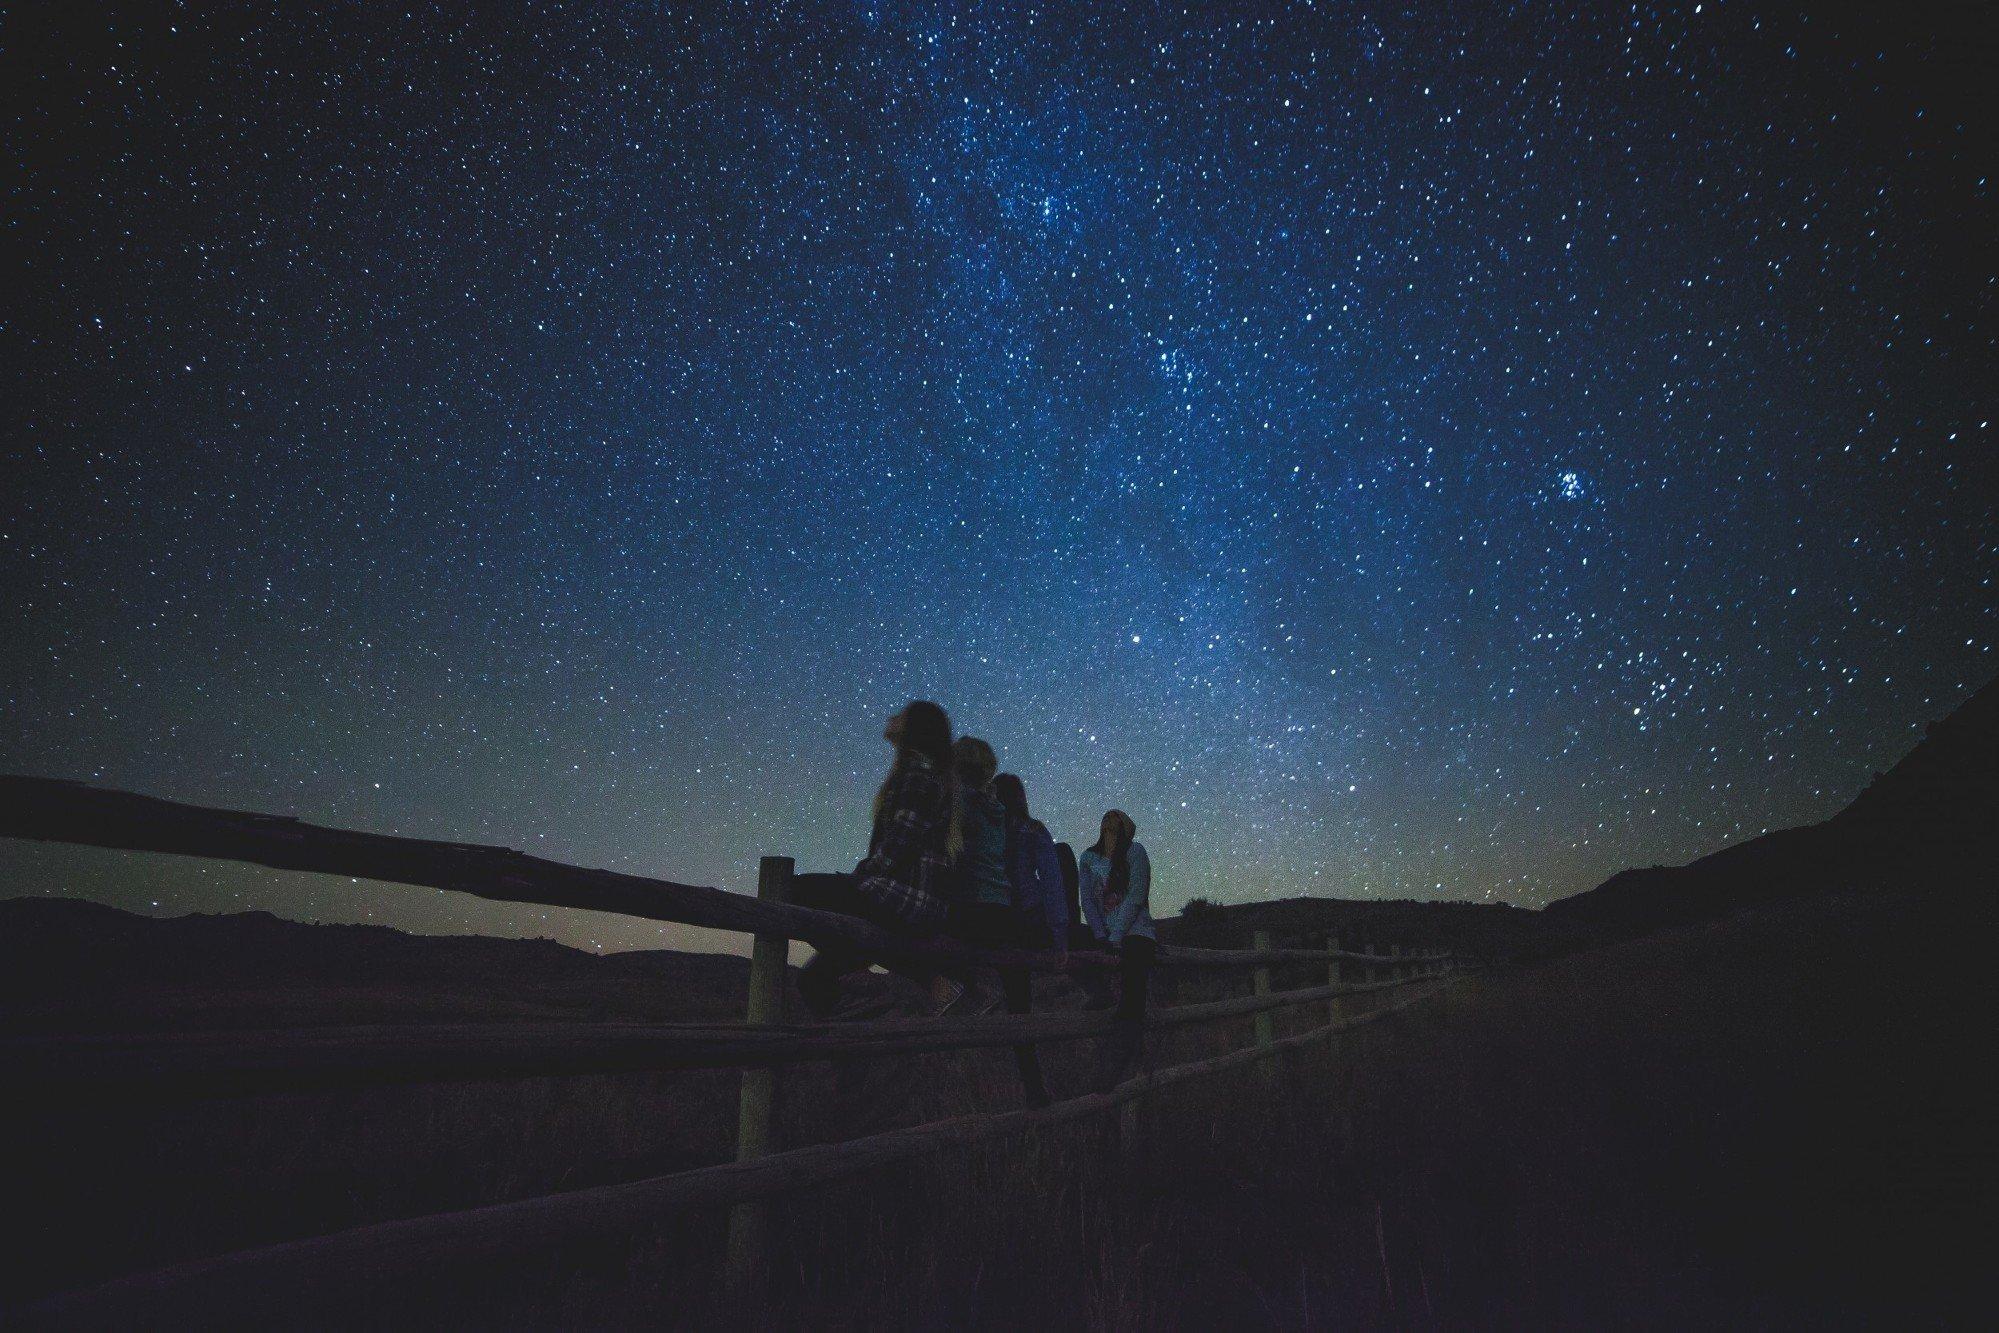 В небе 21 декабря можно будет увидеть редкое явление